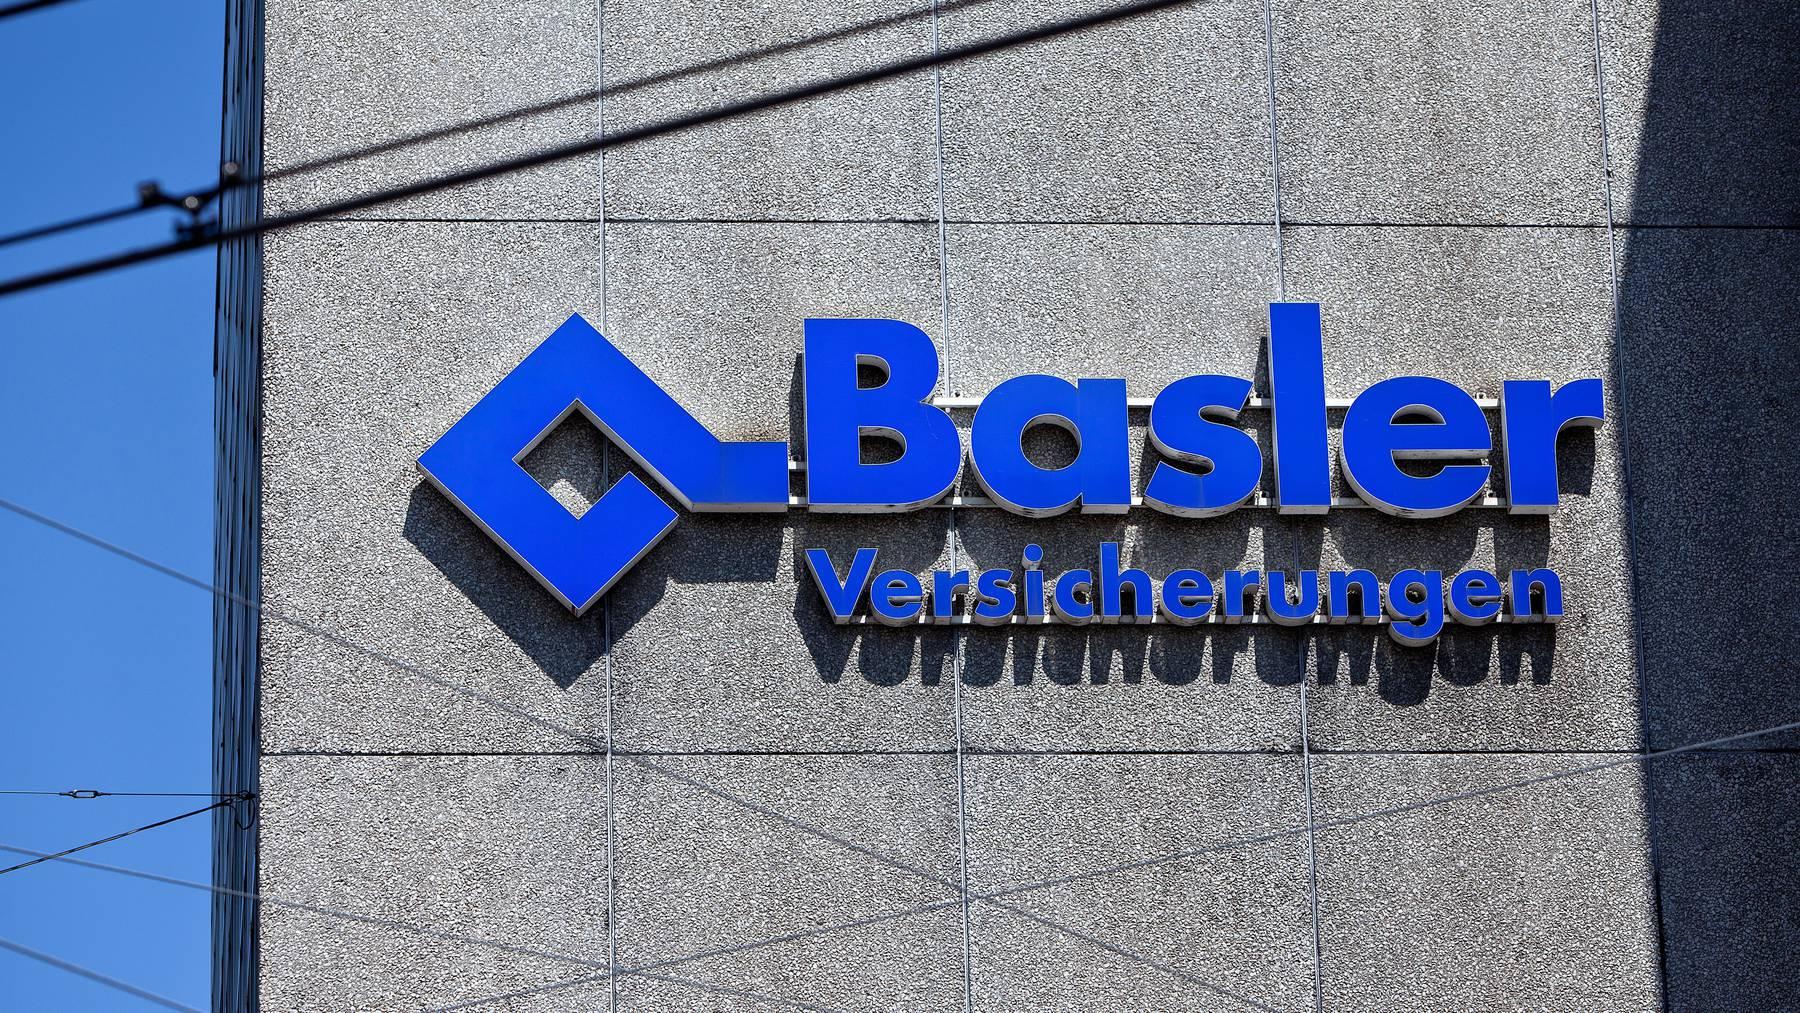 Die Basler Versicherung hat bei der beruflichen Vorsorge 2019 einen Rückgang des Ergebnisses um einen Fünftel verzeichnet. (Symbolbild)